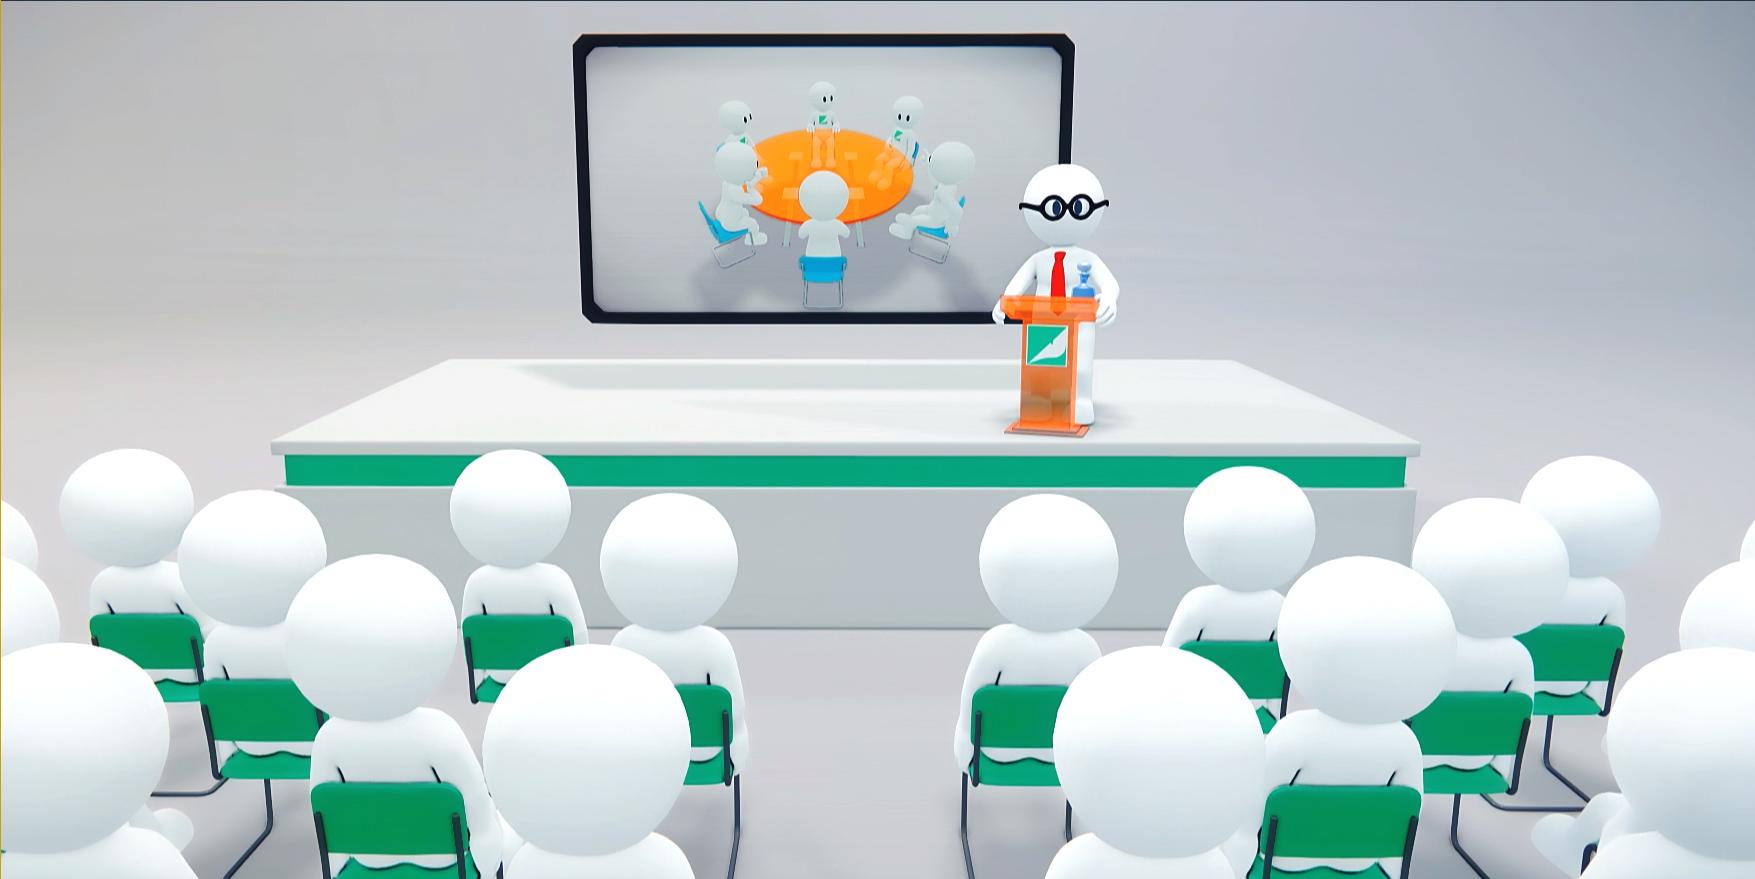 Картинки детские для презентаций скачать бесплатно 13